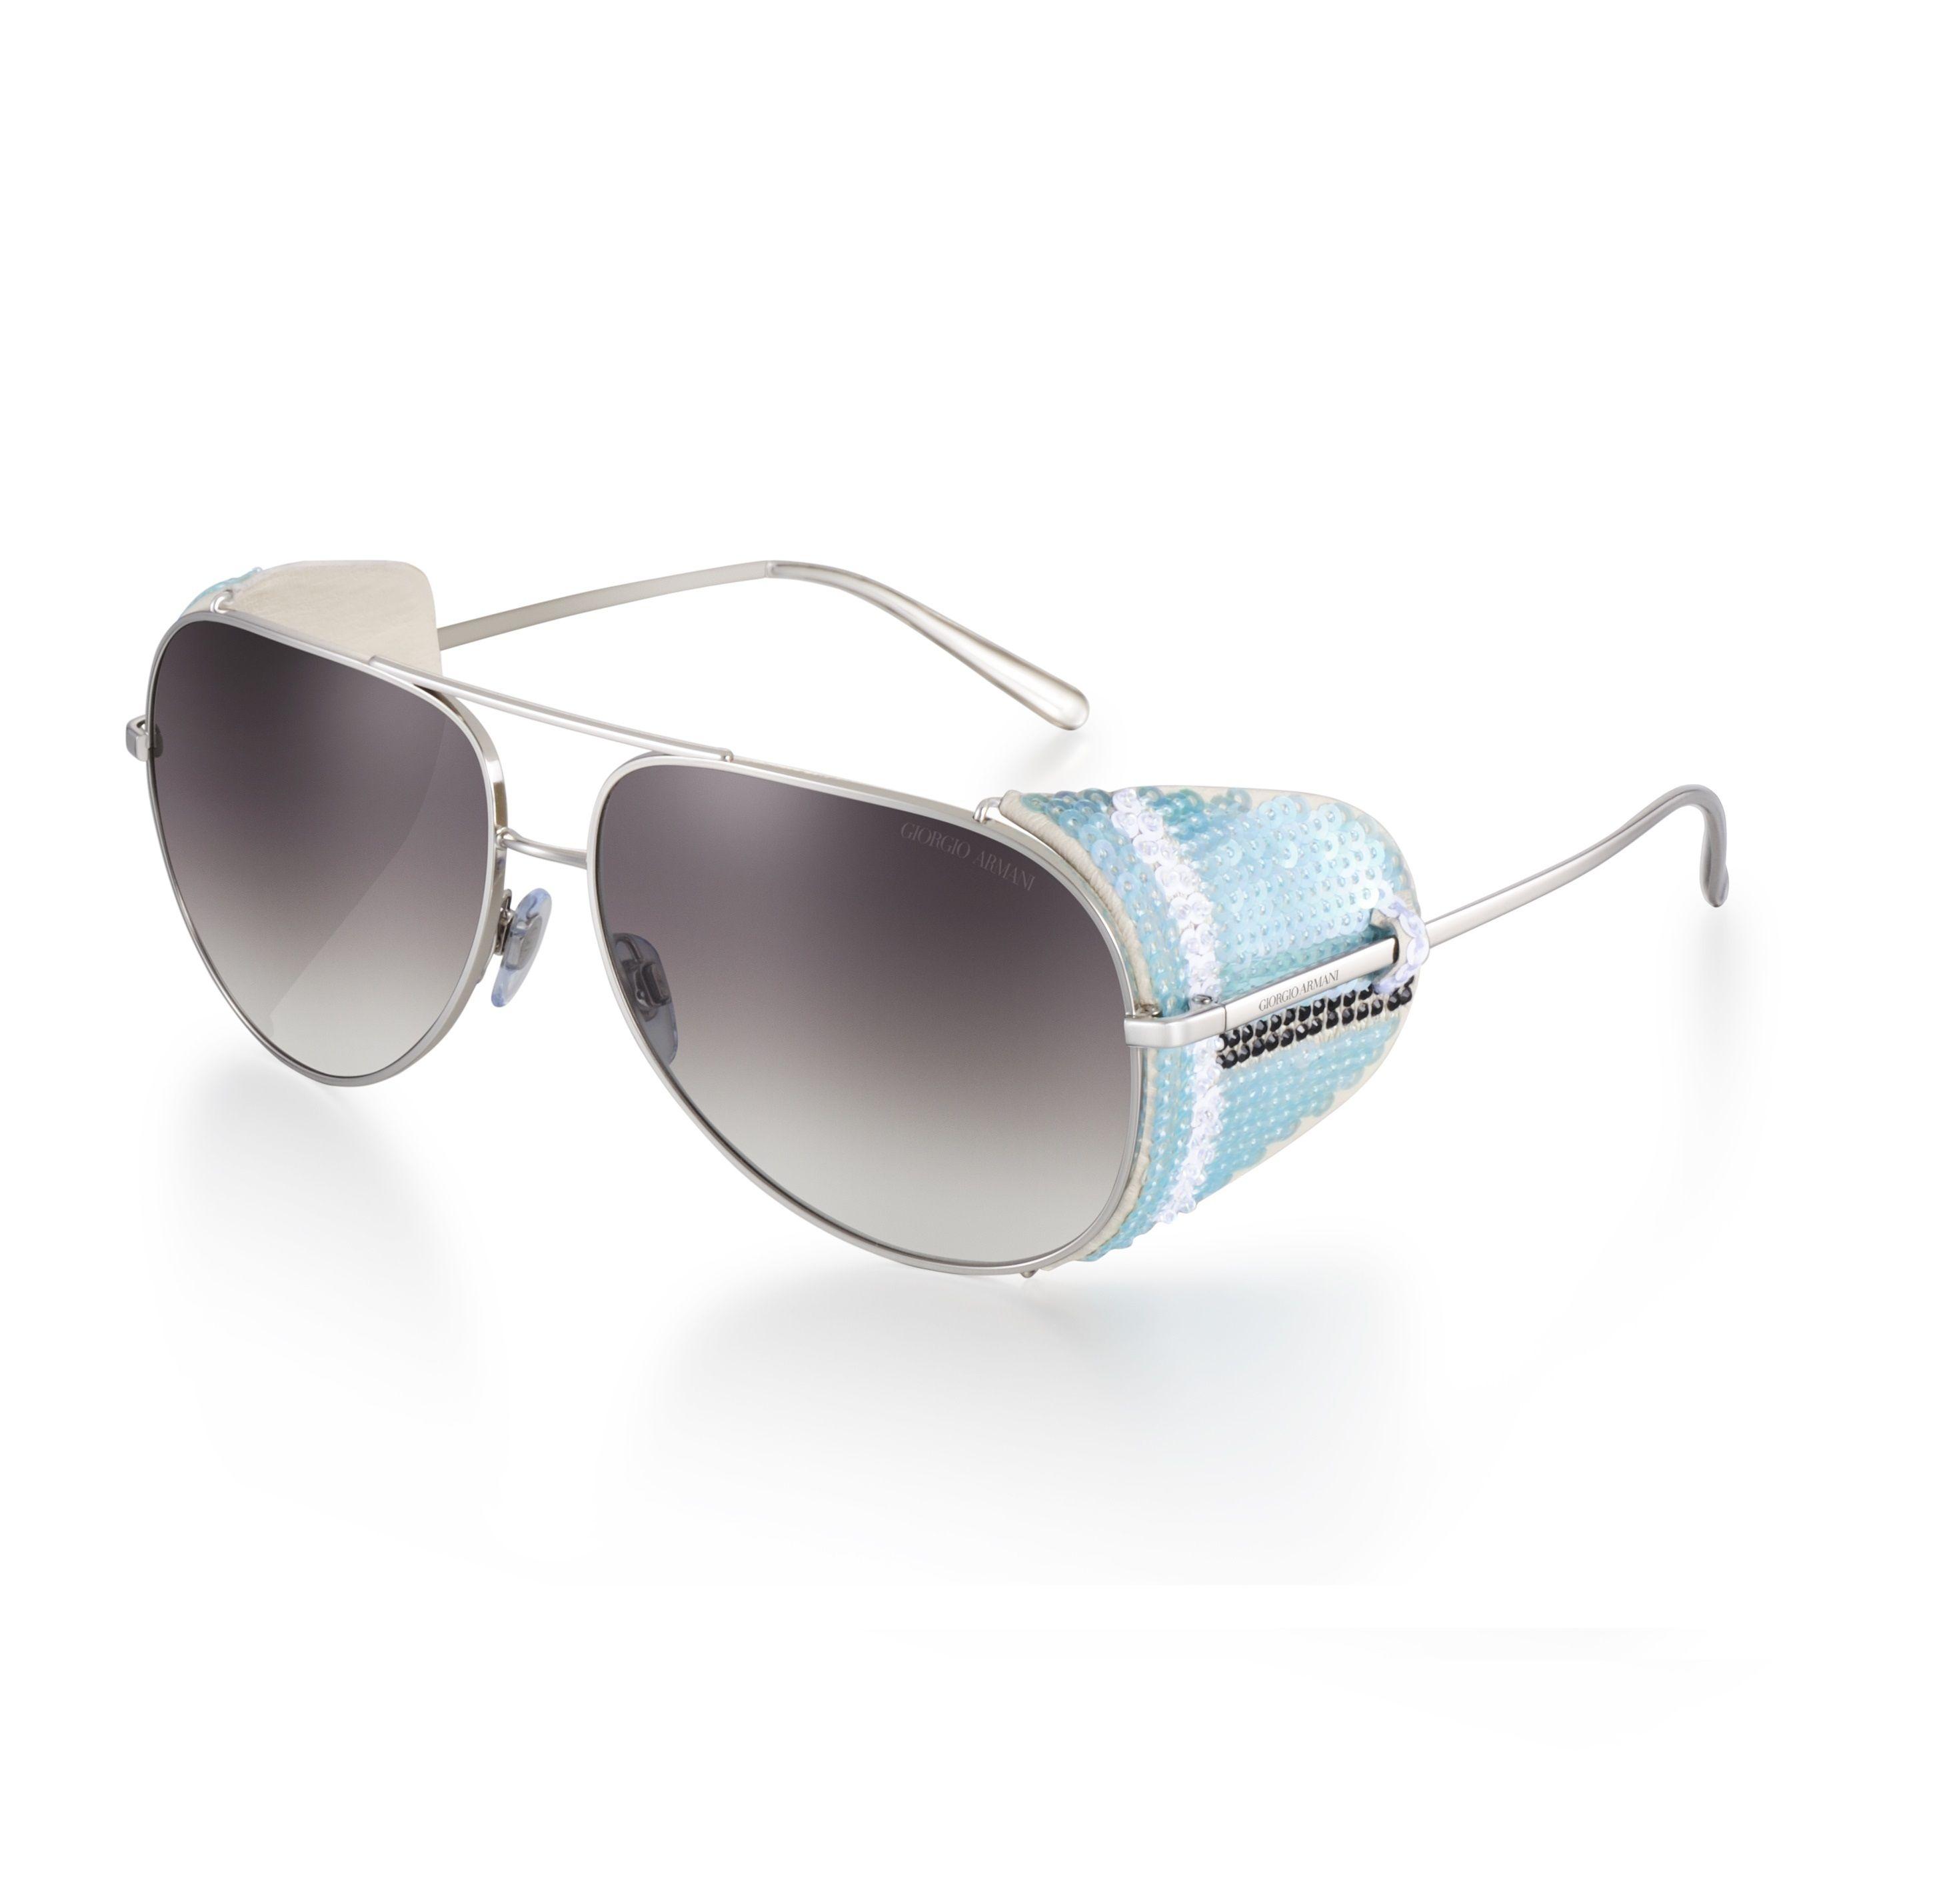 c68323e9faa5f GIORGIO ARMANI 6005BZ.  sunglasses  giorgioarmani  sunnies  shades http